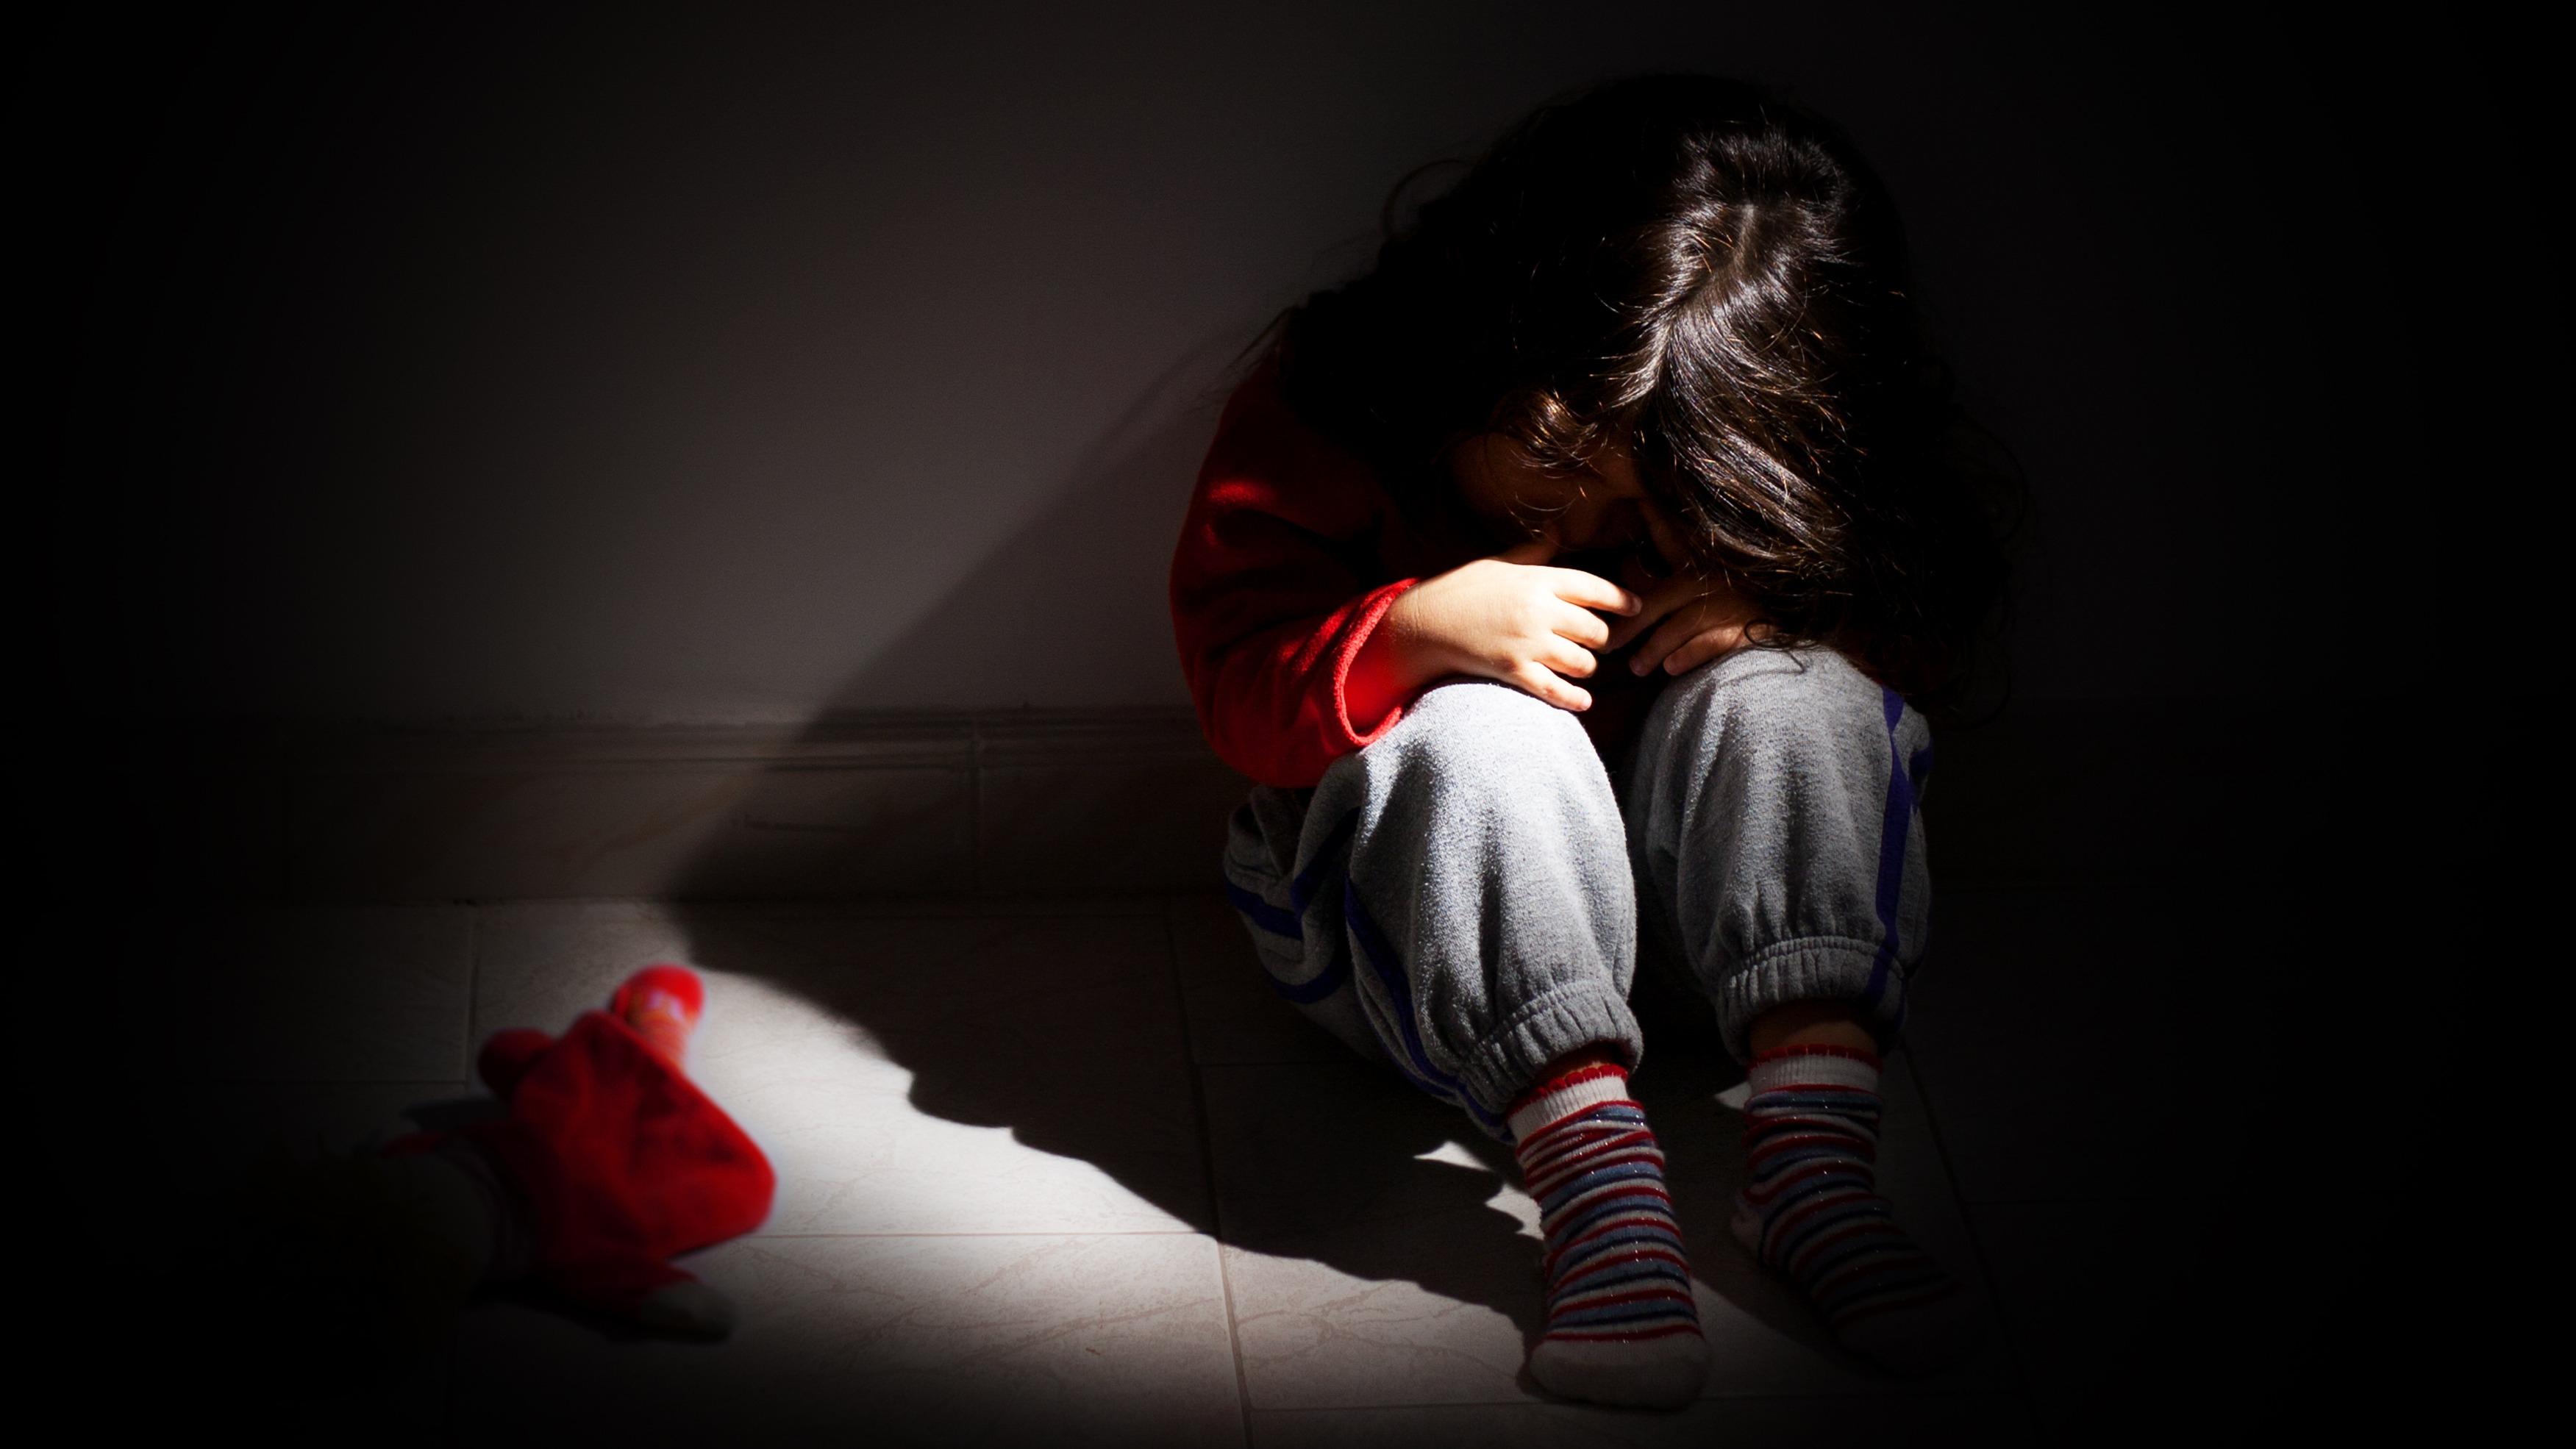 Las víctimas deben recibir una intervención especial psicoterapéutica dentro de las 72 horas de la agresión y continuarla todo el tiempo que sea necesario.